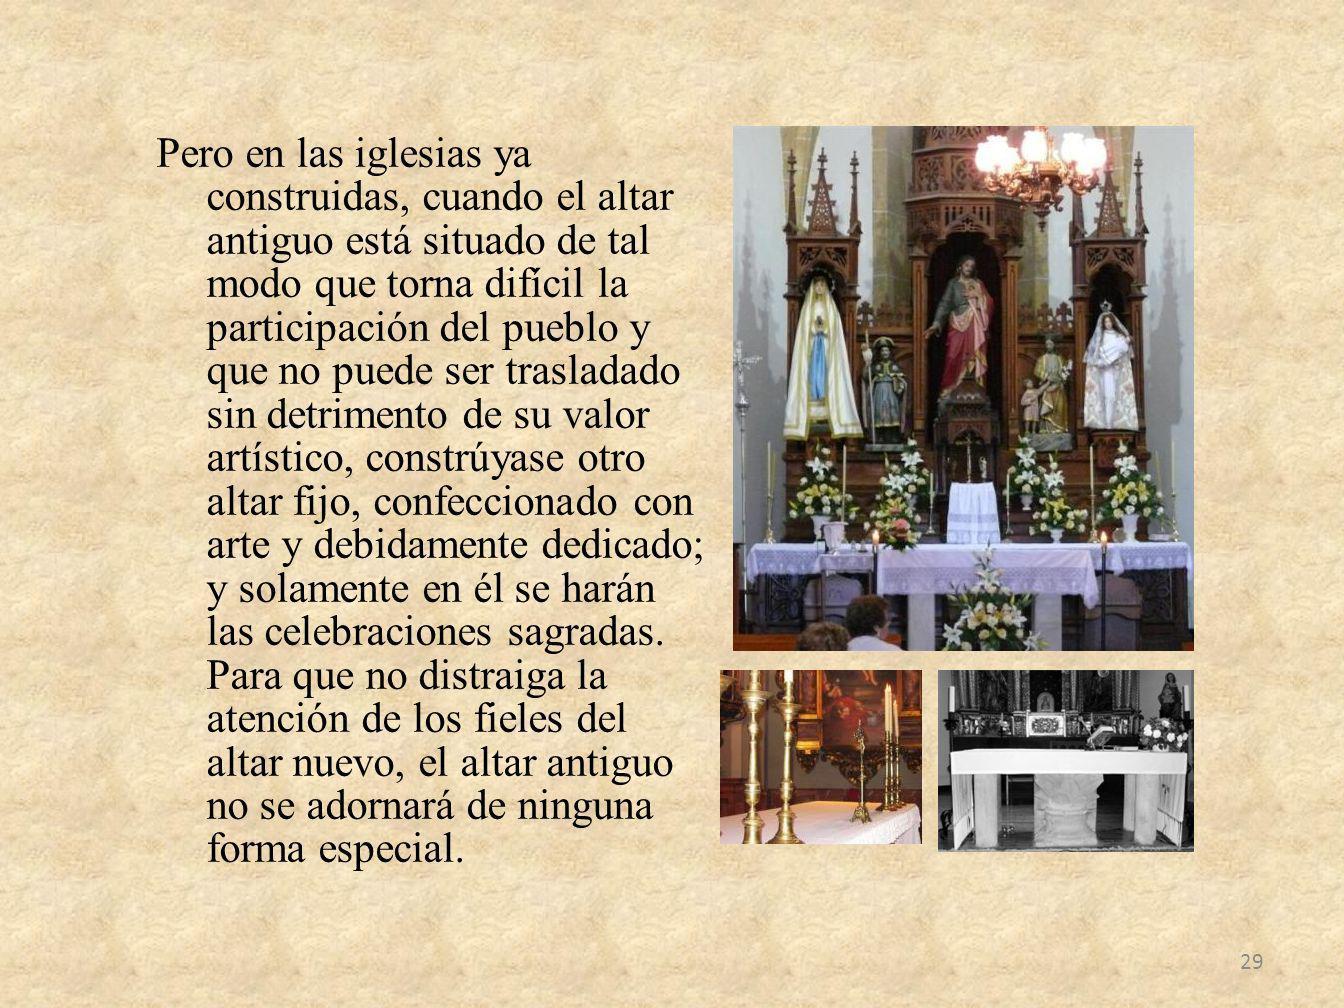 Pero en las iglesias ya construidas, cuando el altar antiguo está situado de tal modo que torna difícil la participación del pueblo y que no puede ser